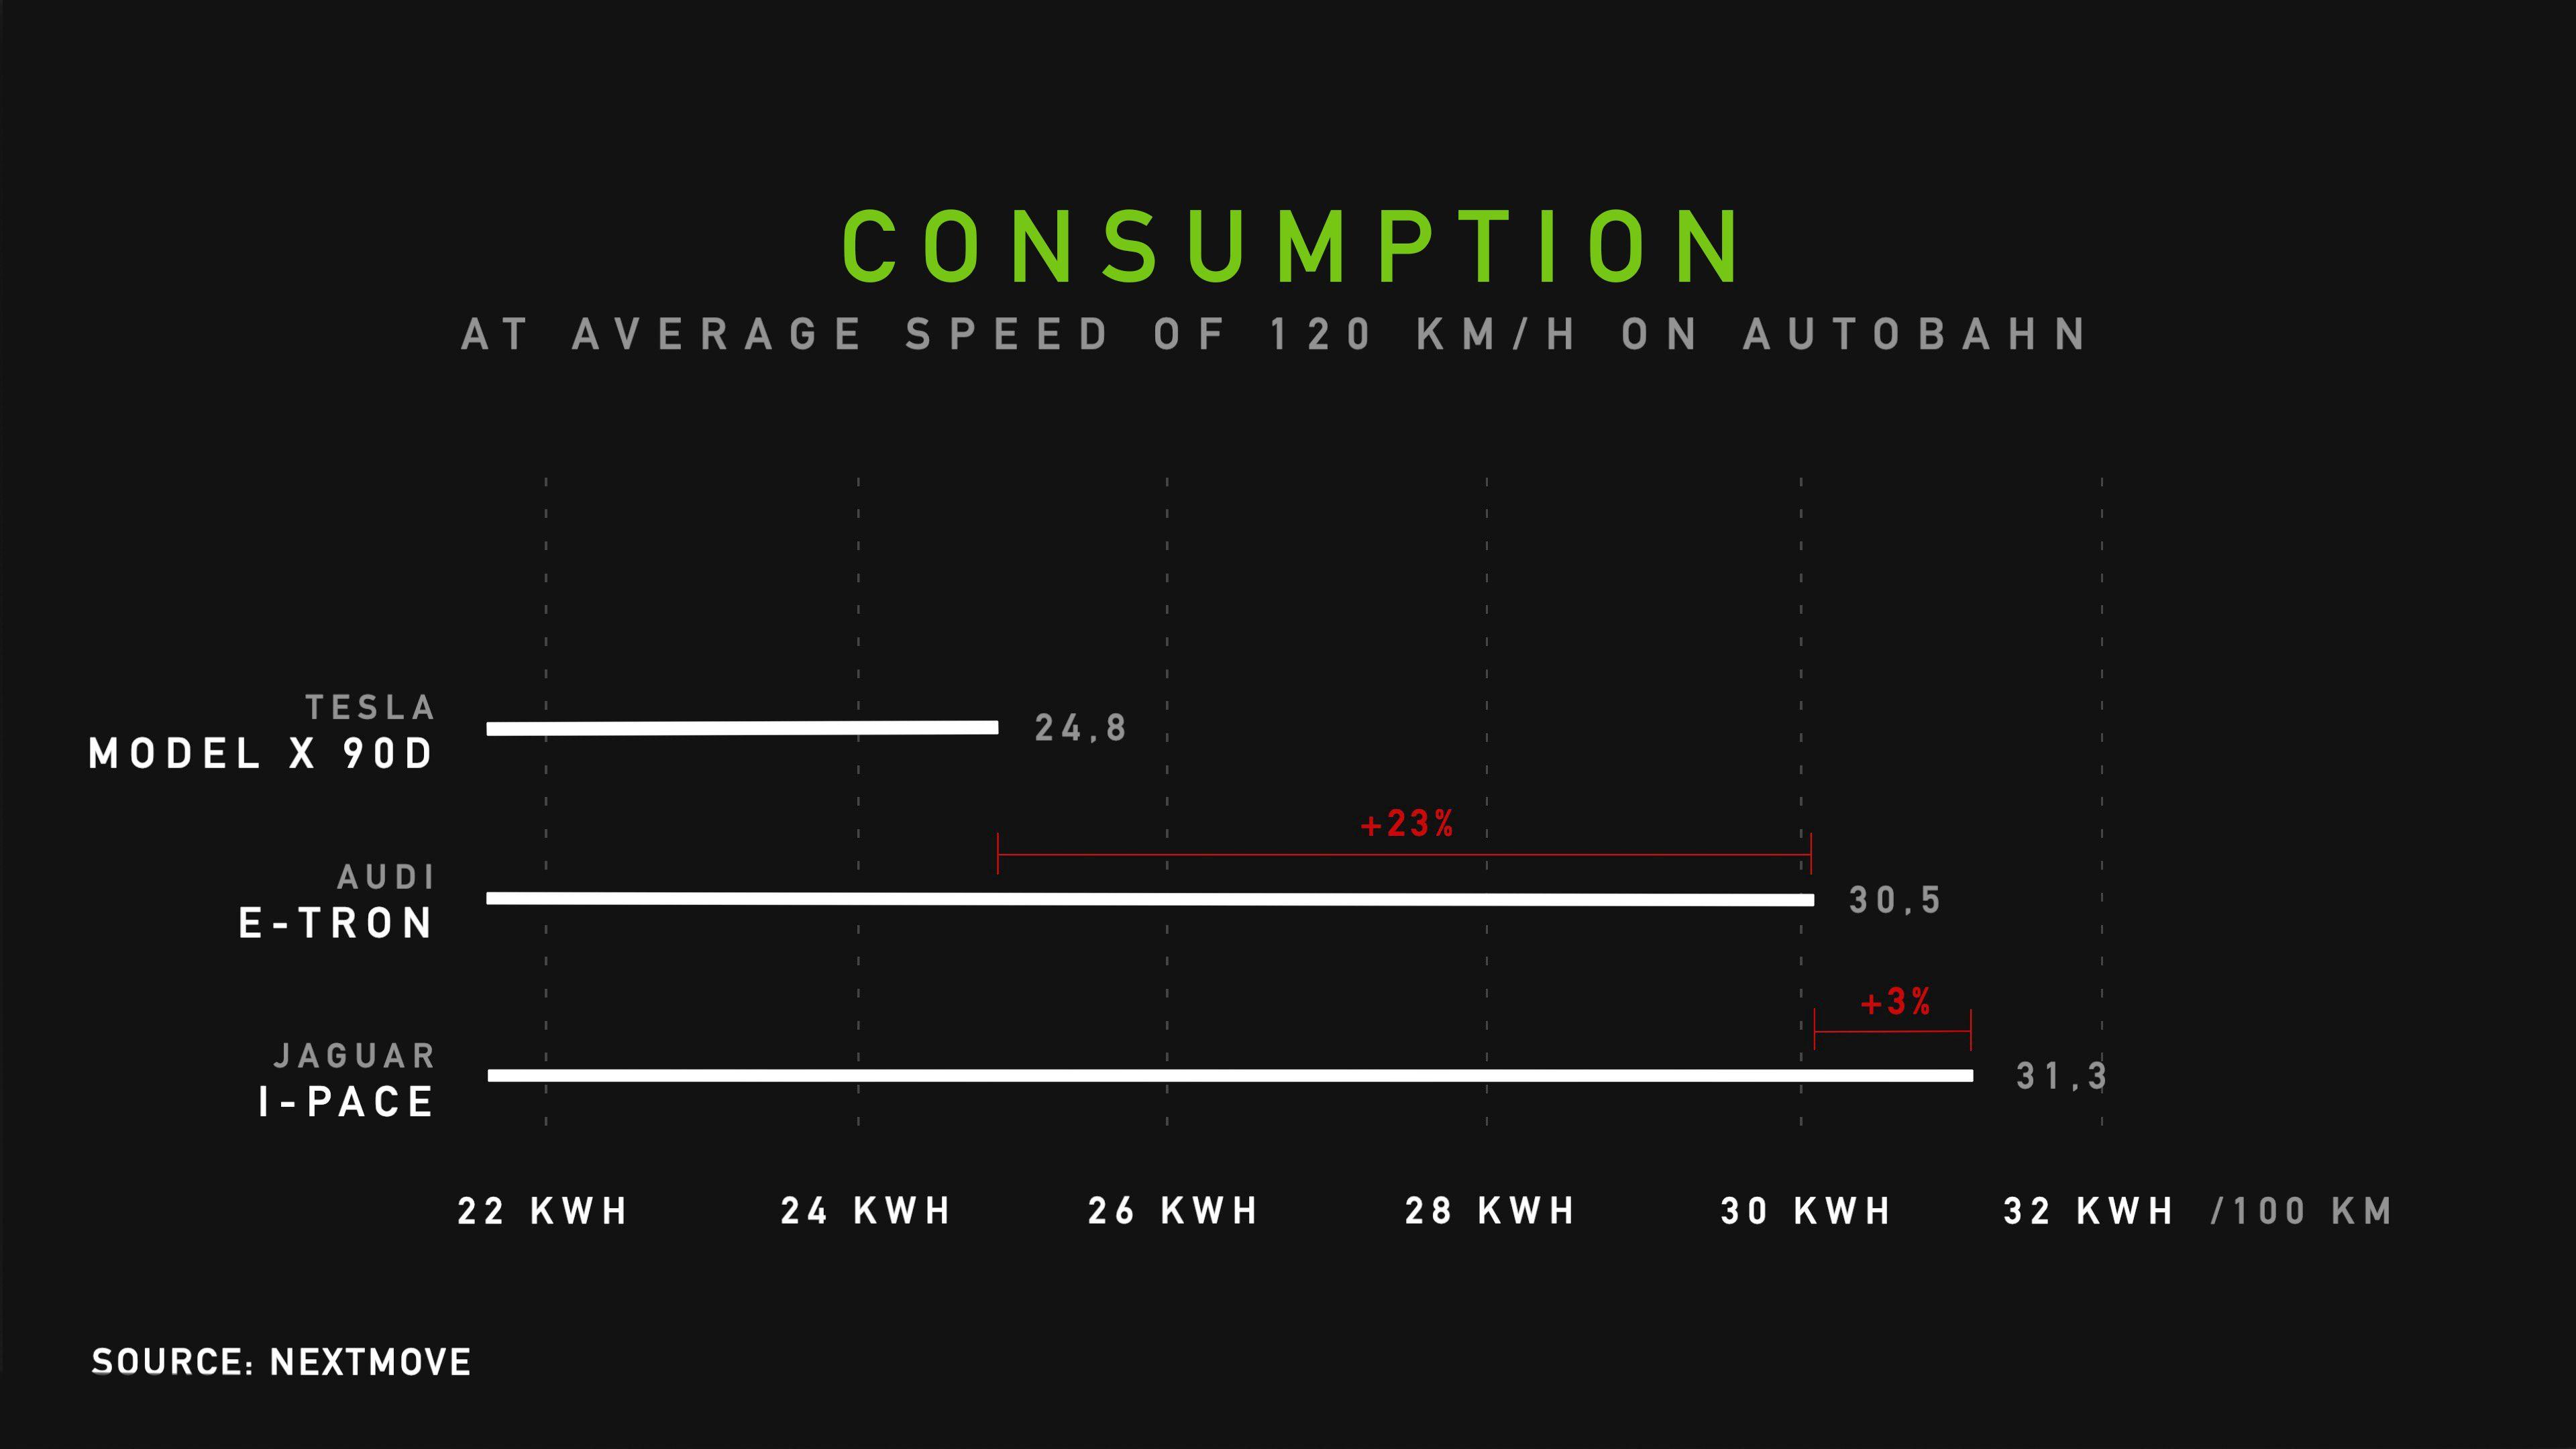 Forbruket i Nextmoves Autobahn-test. Vær imidlertid oppmerksom på at grafen ikke starter på null.